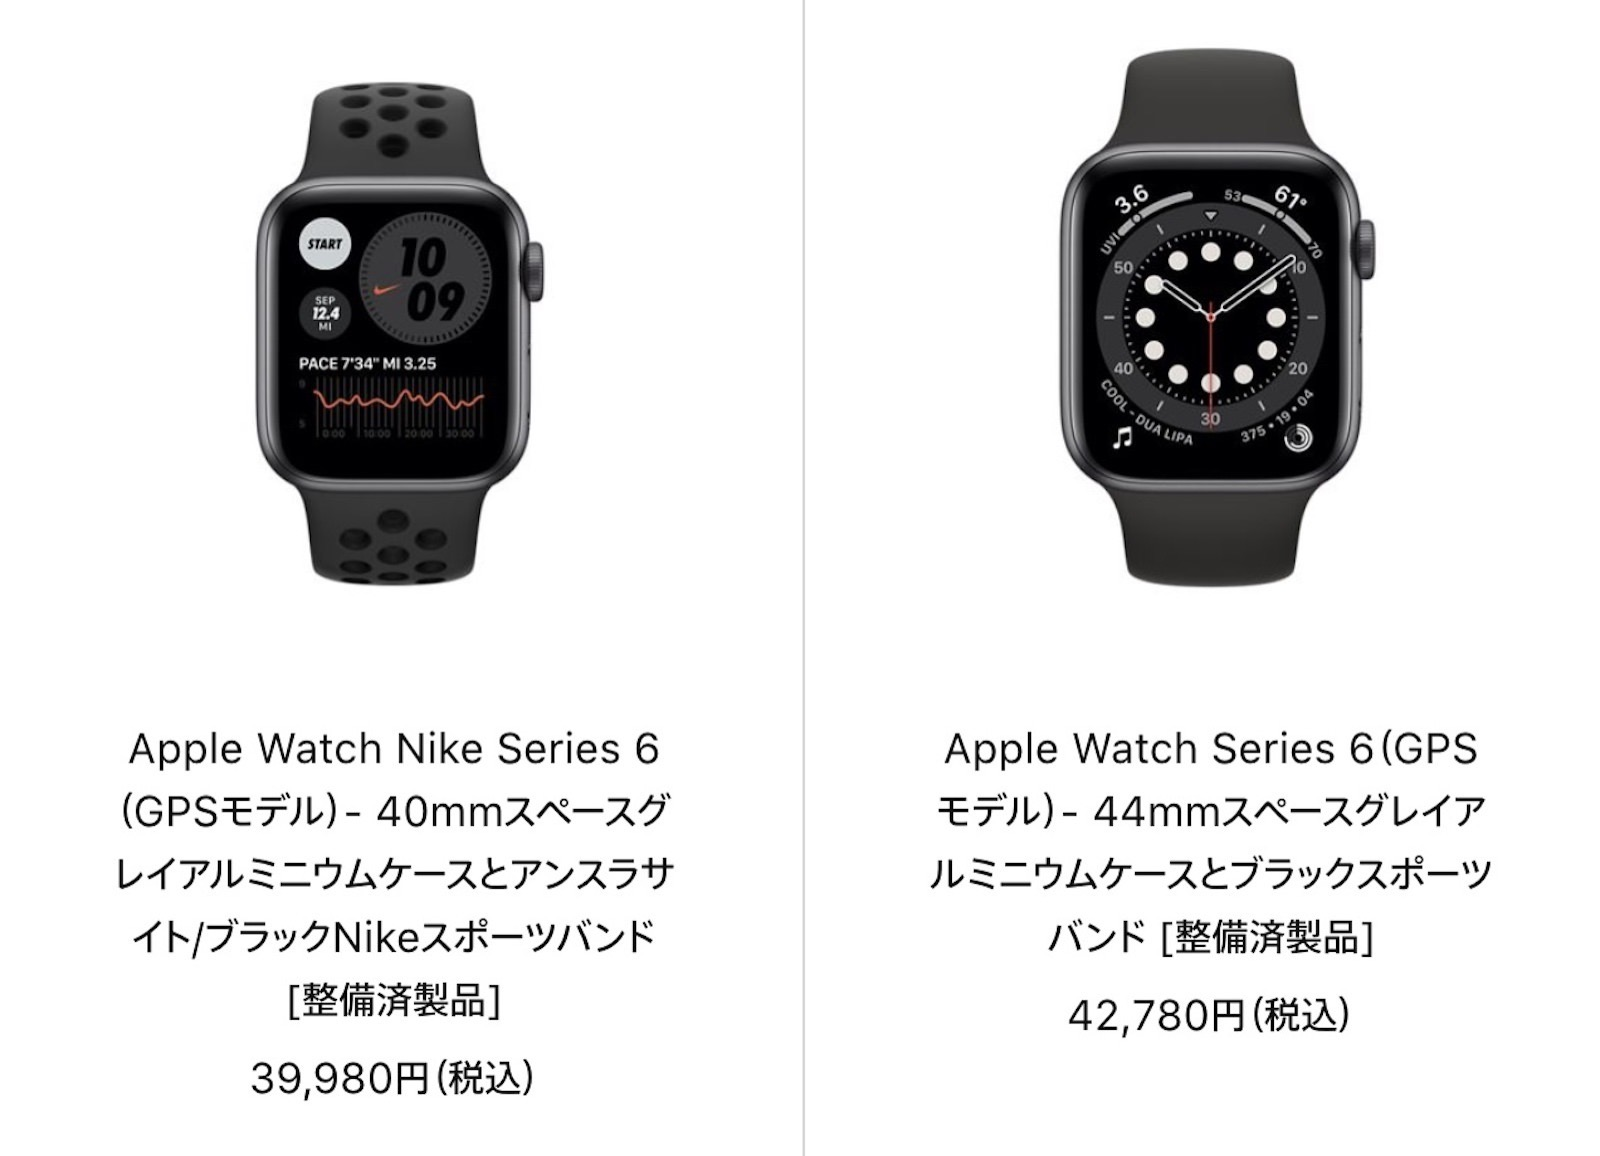 Apple watch refurbished series 6